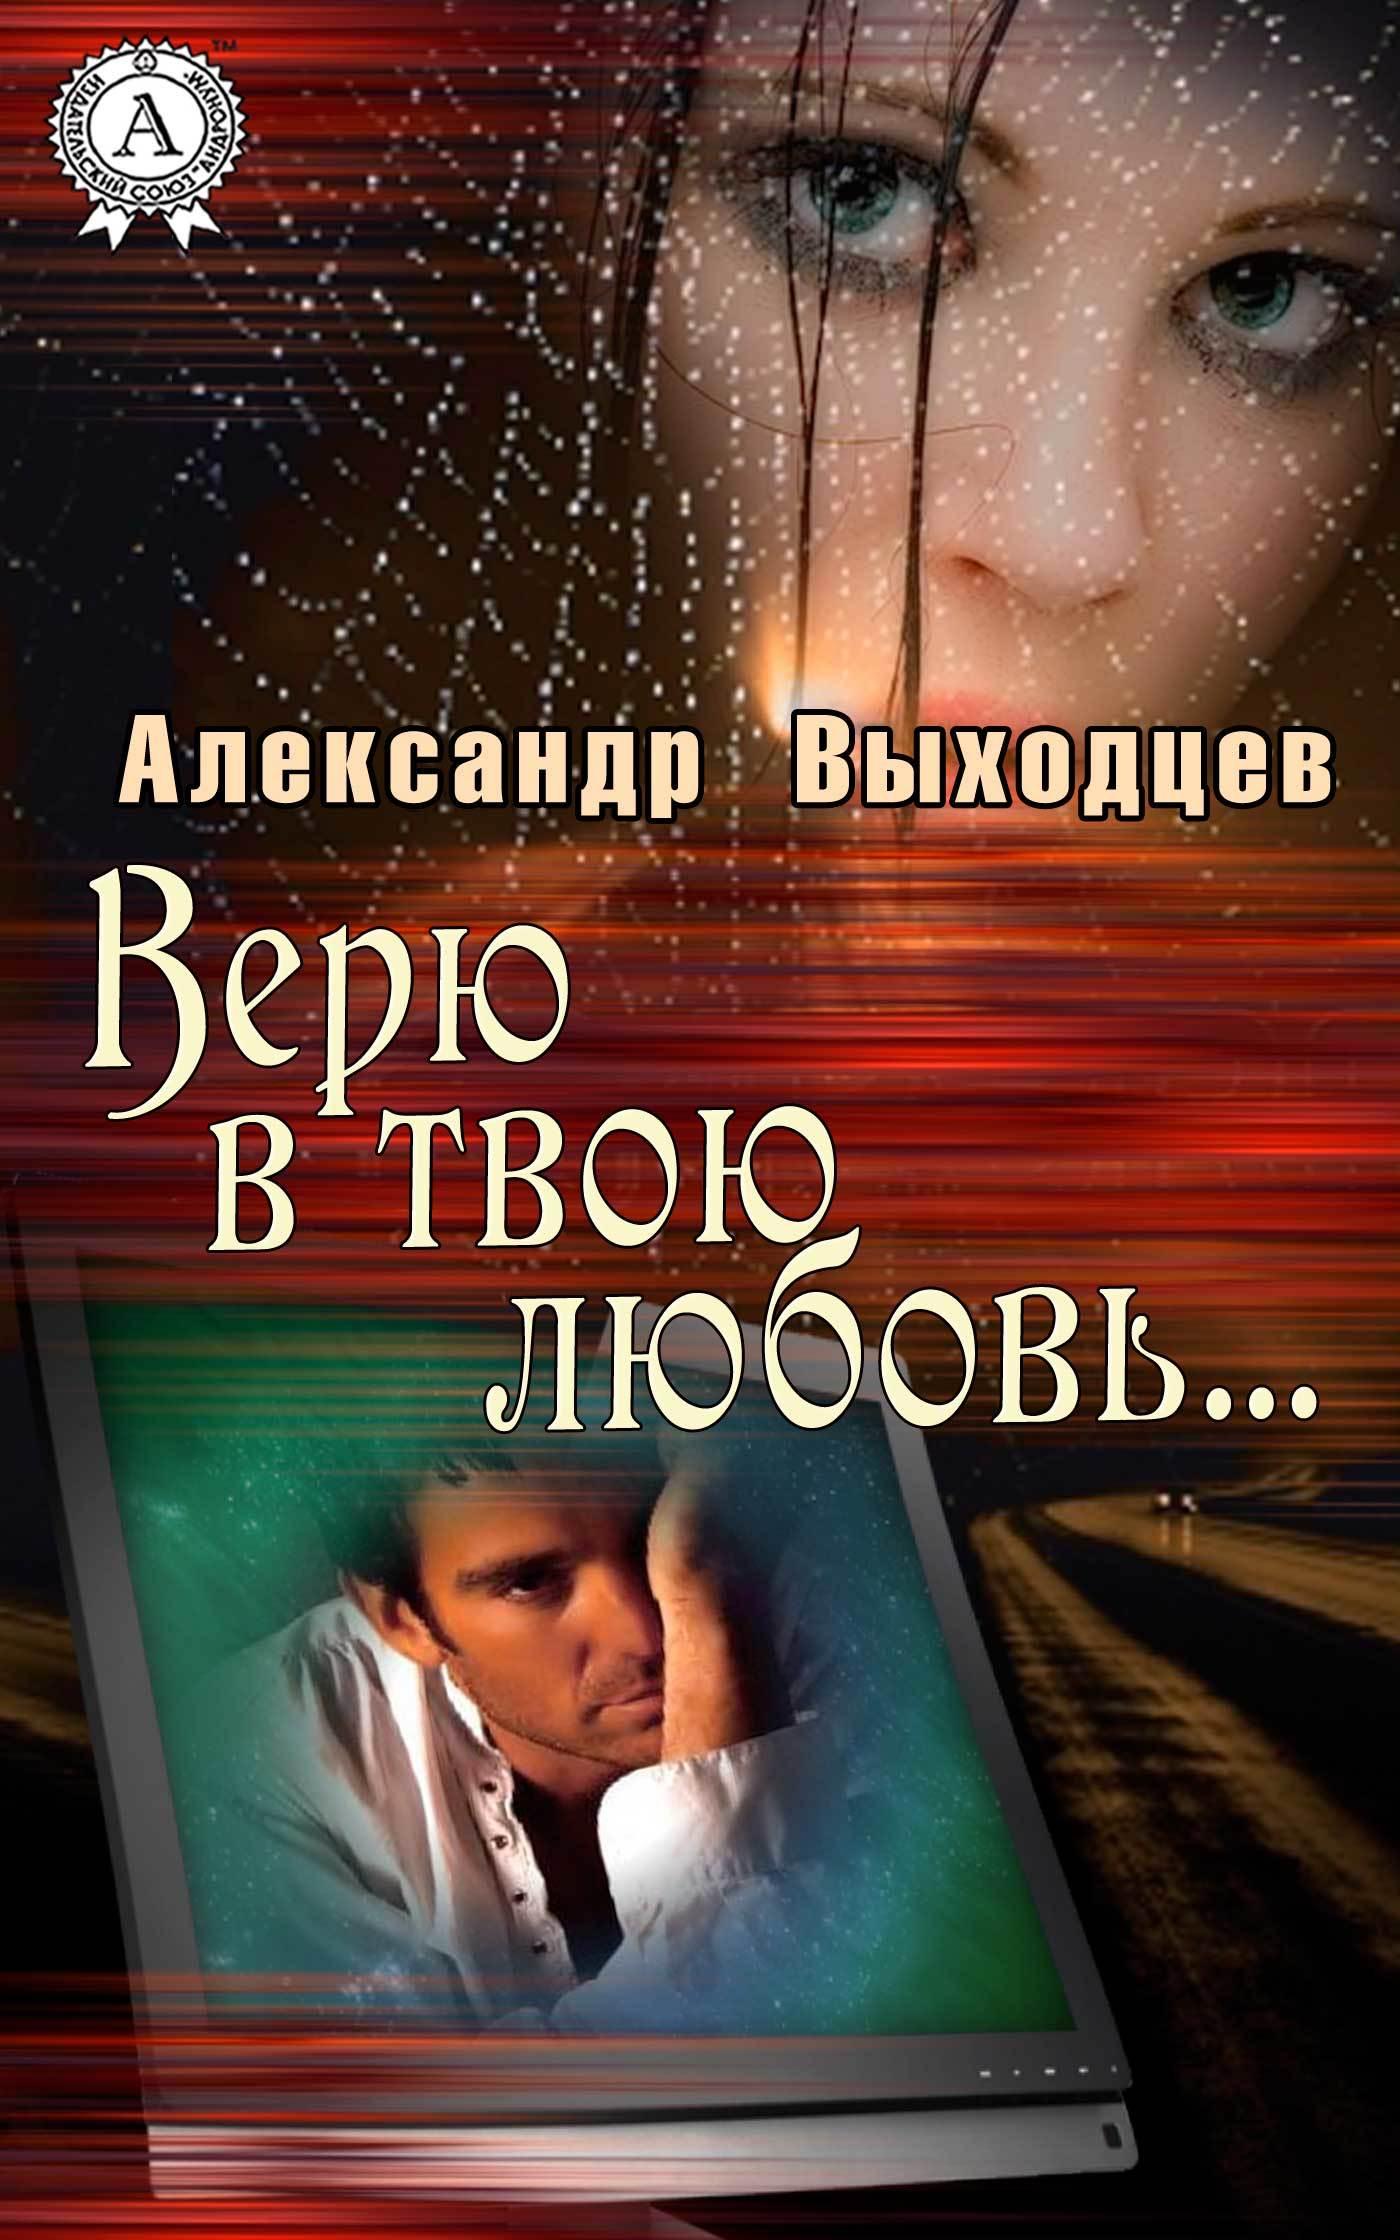 Александр Выходцев Верю в твою Любовь…